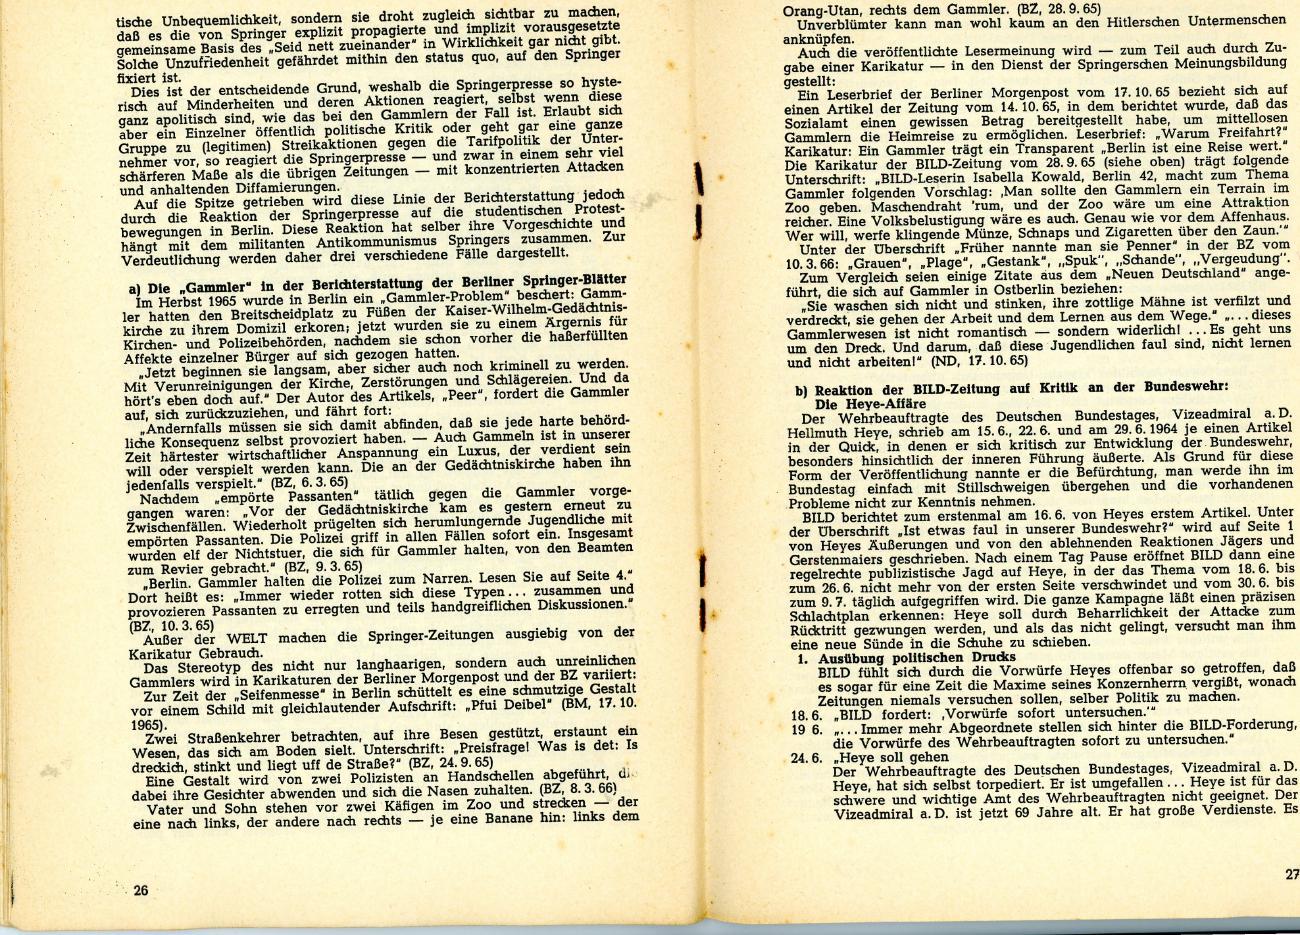 Berlin_RC_1967_Springer_enteignen_16